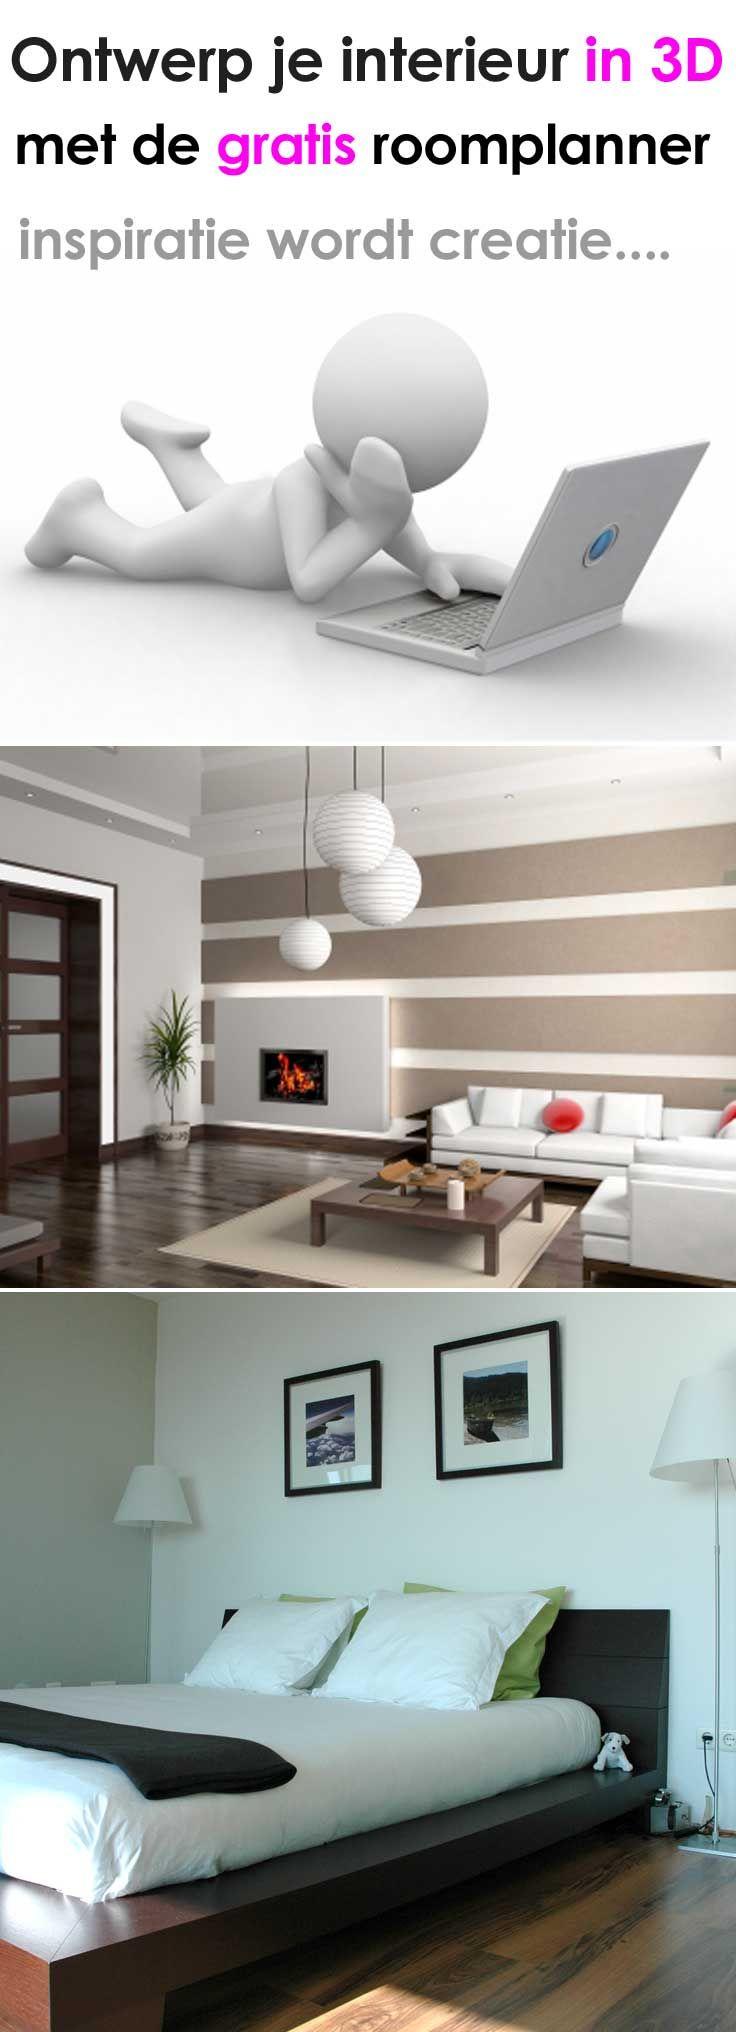 25 beste idee n over interieur ontwerpen op pinterest On interieur ontwerpen online gratis